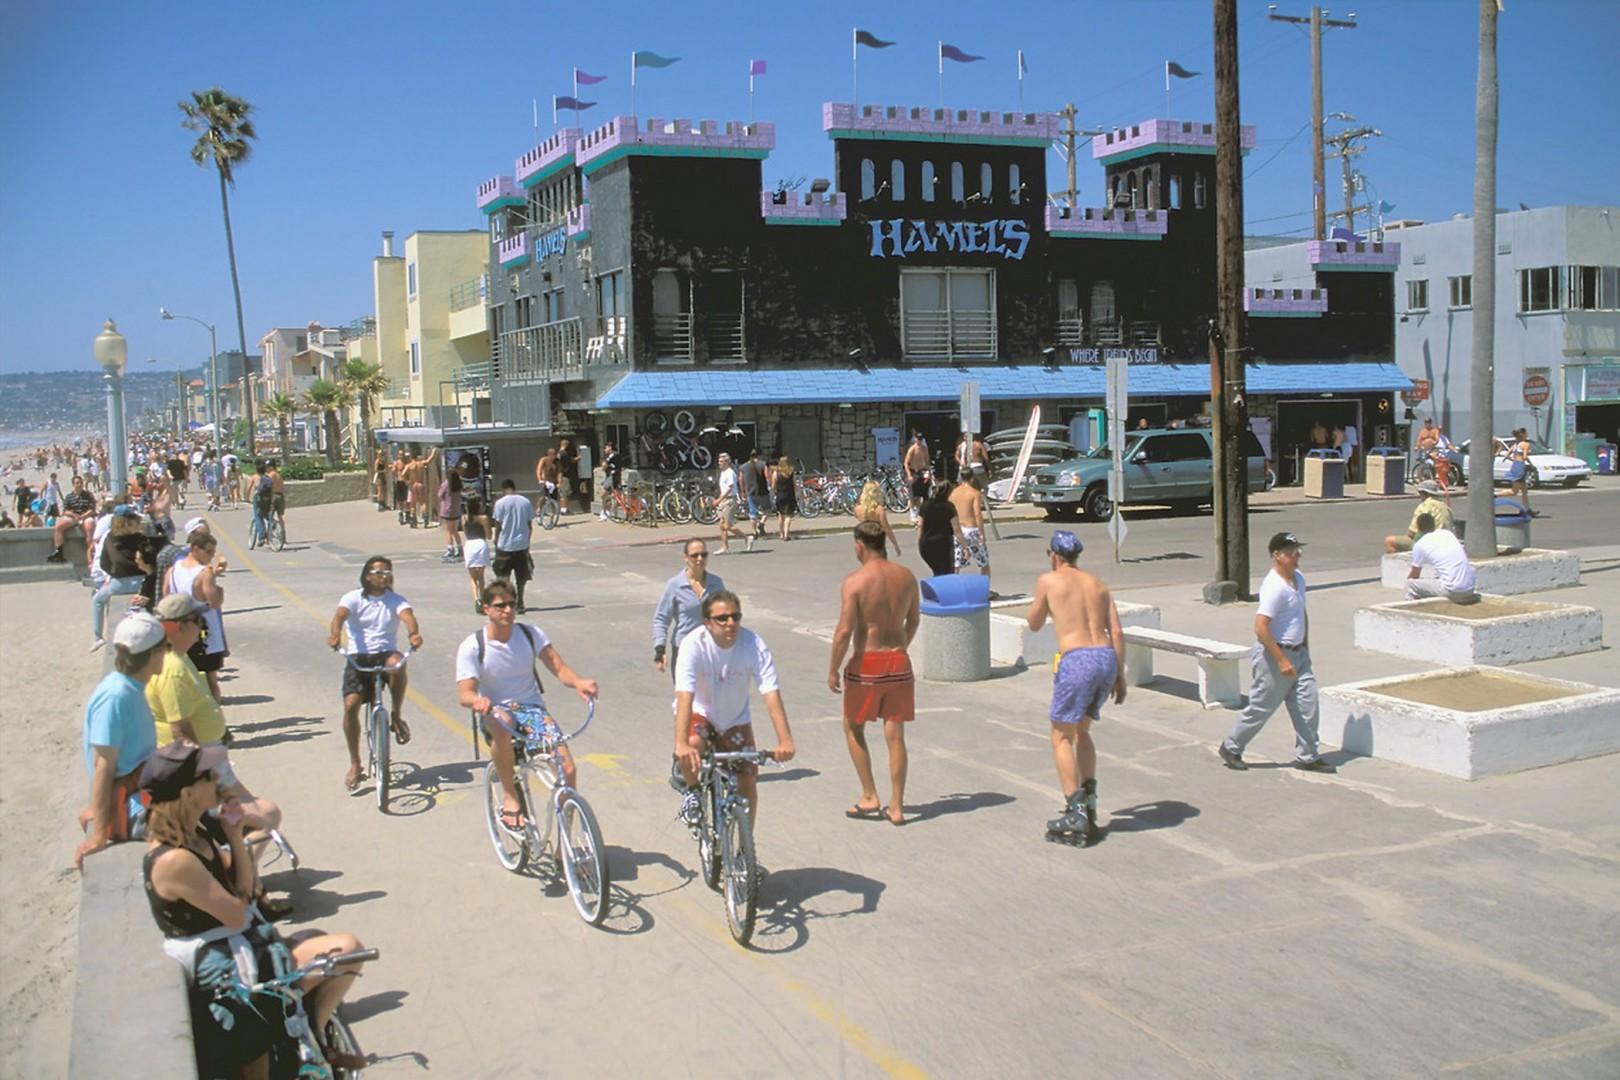 2A9-Mission-Beach-Boardwalk